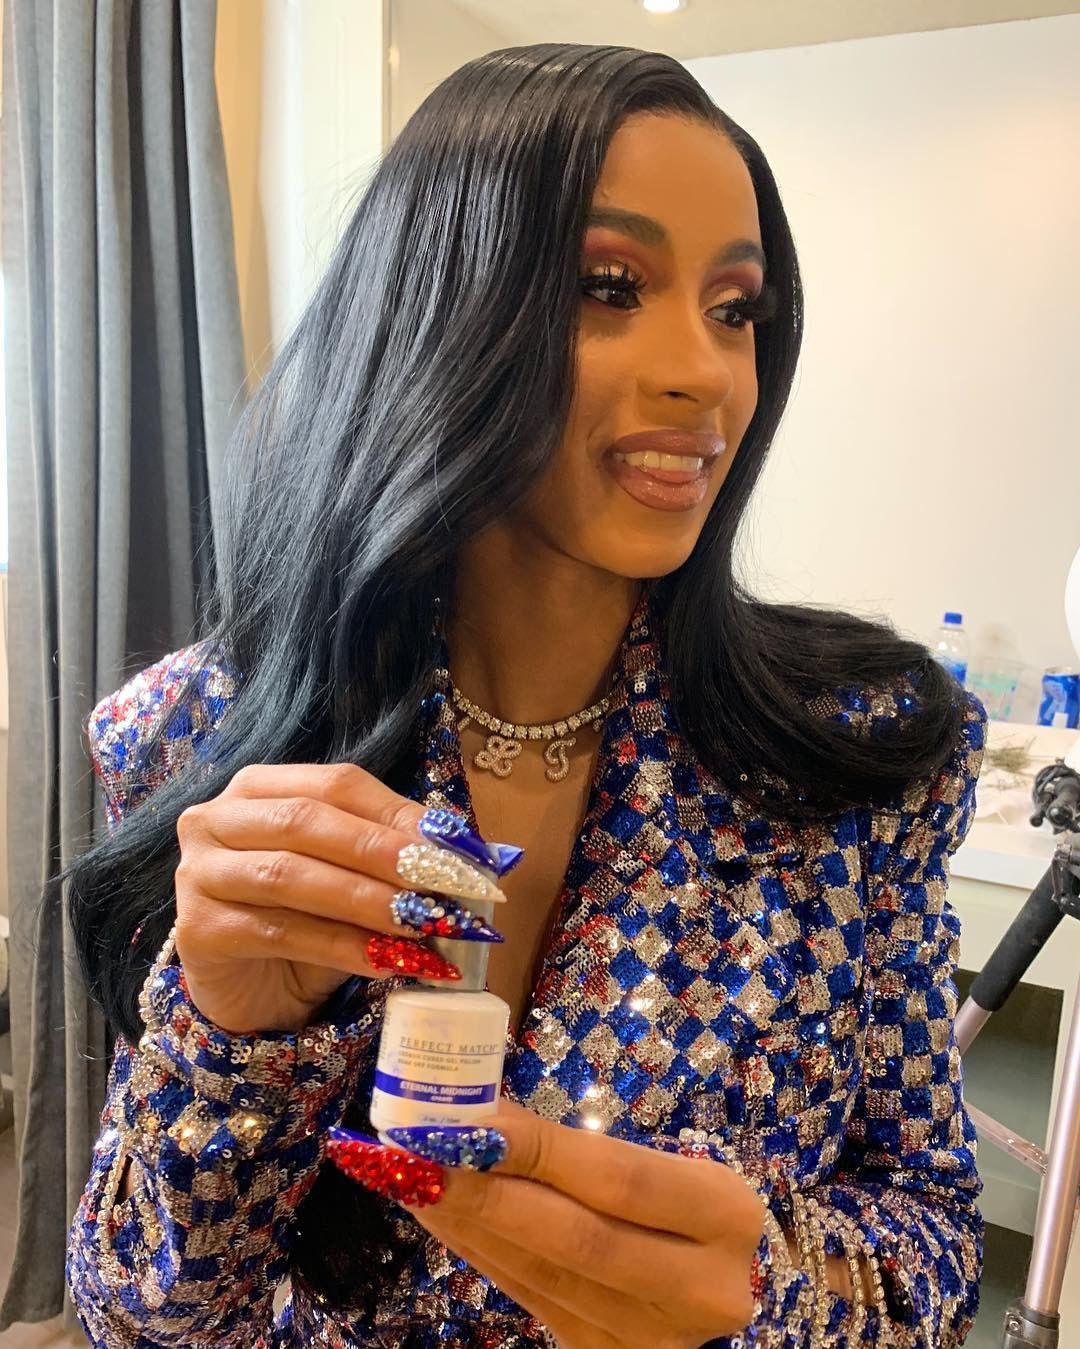 Cardi Bts Of Pepsi Commercial Cardi B In 2019 Cardi B Nails